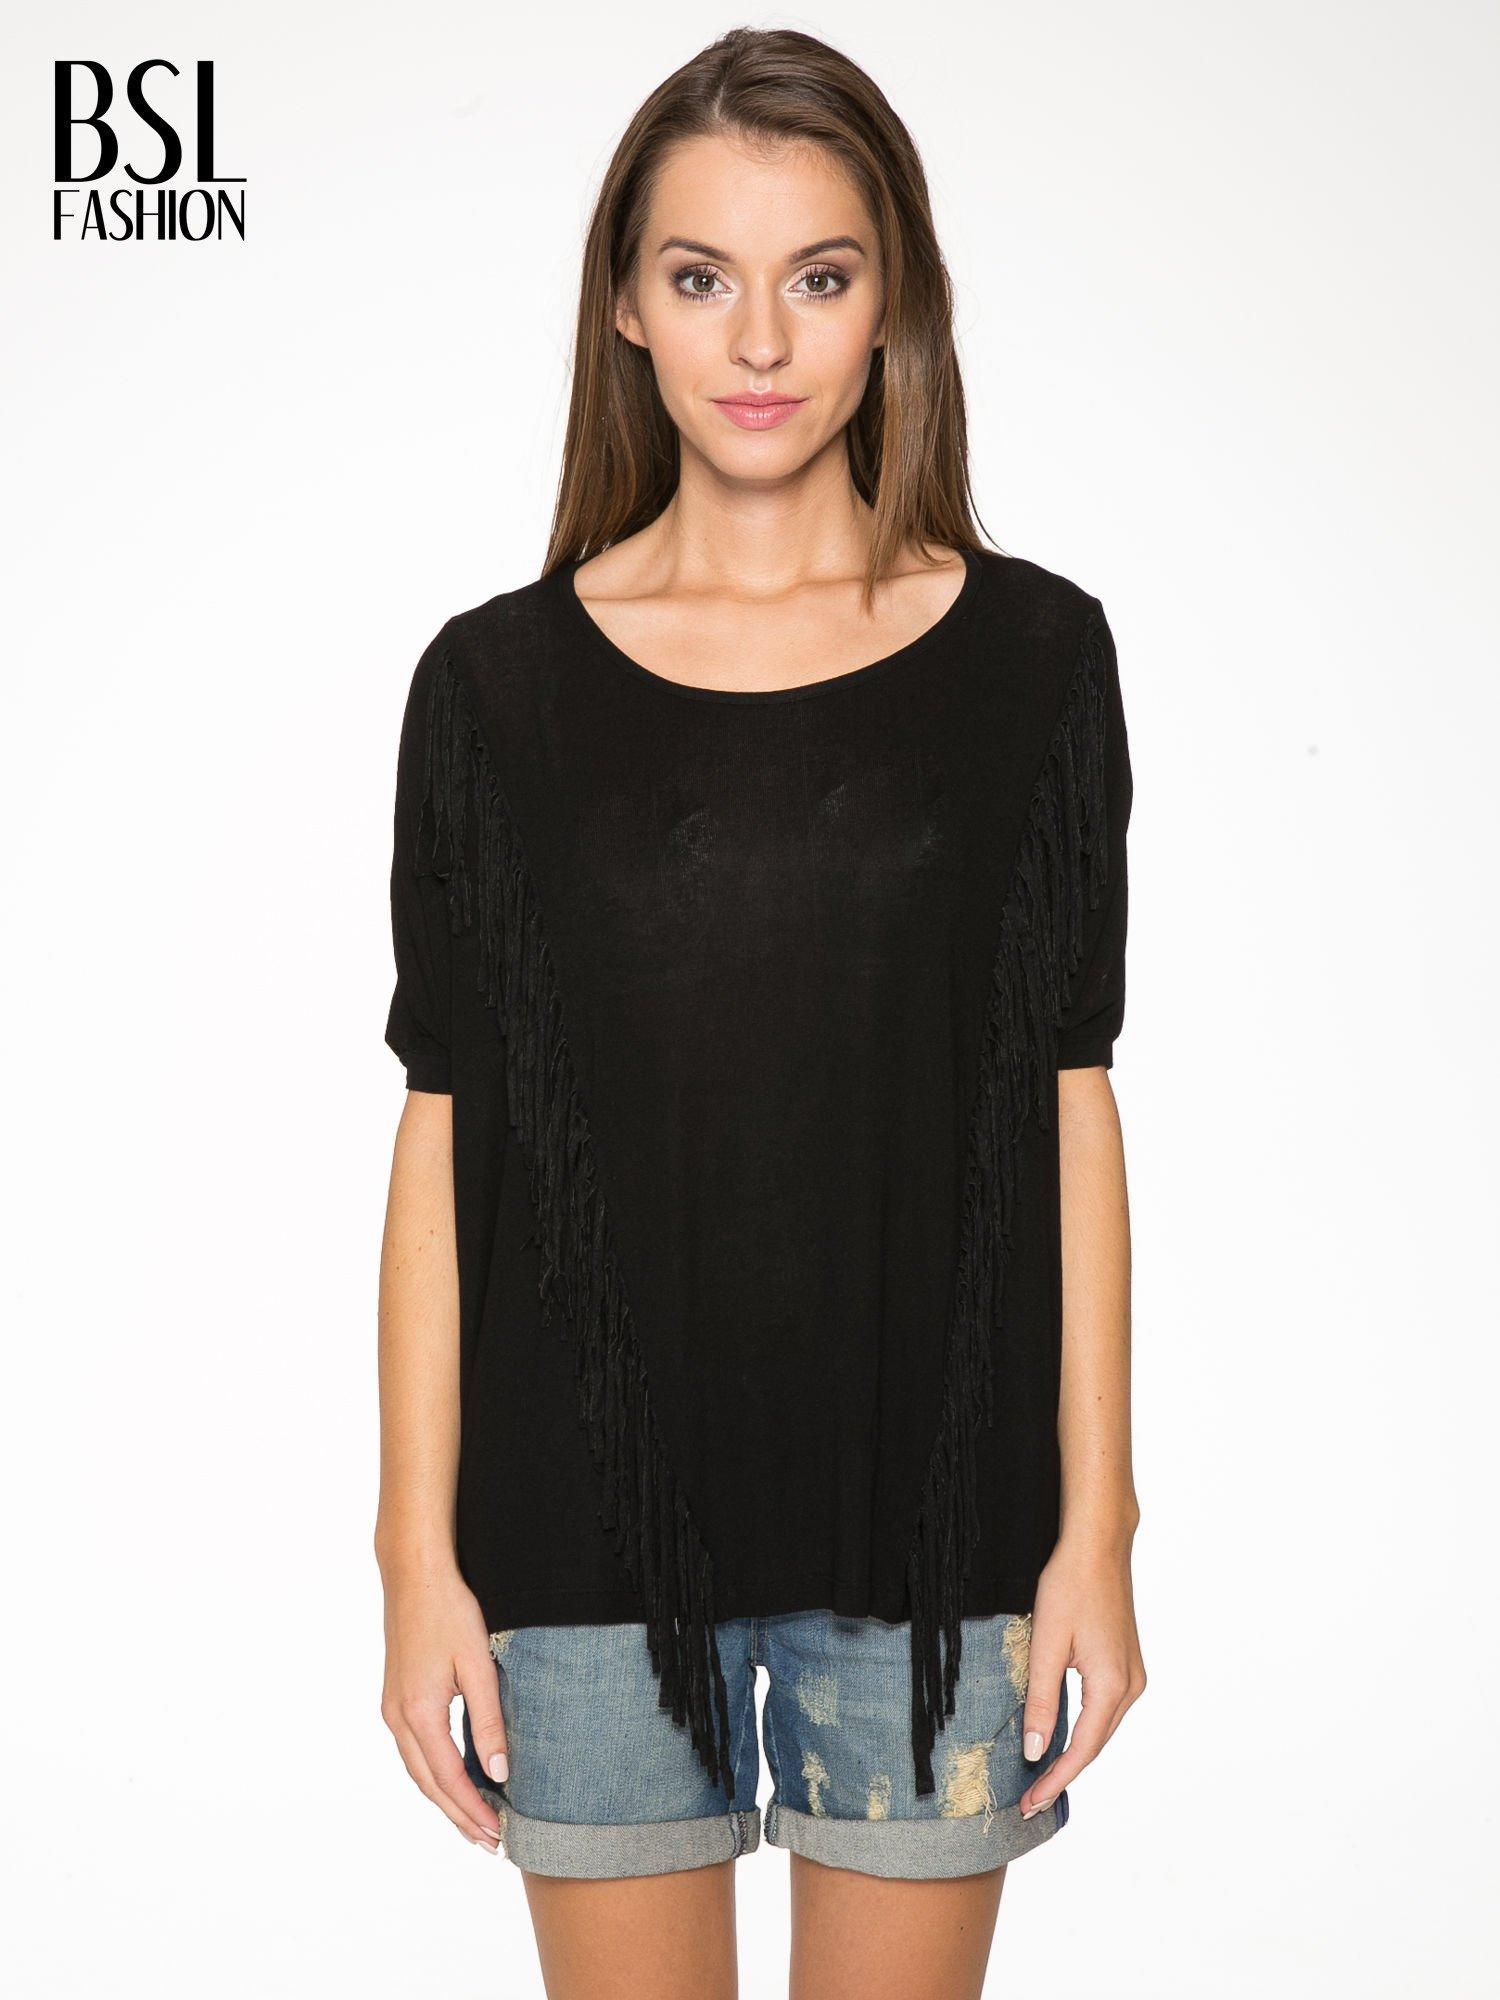 Czarny t-shirt z frędzlami i siateczkowym tyłem                                  zdj.                                  1